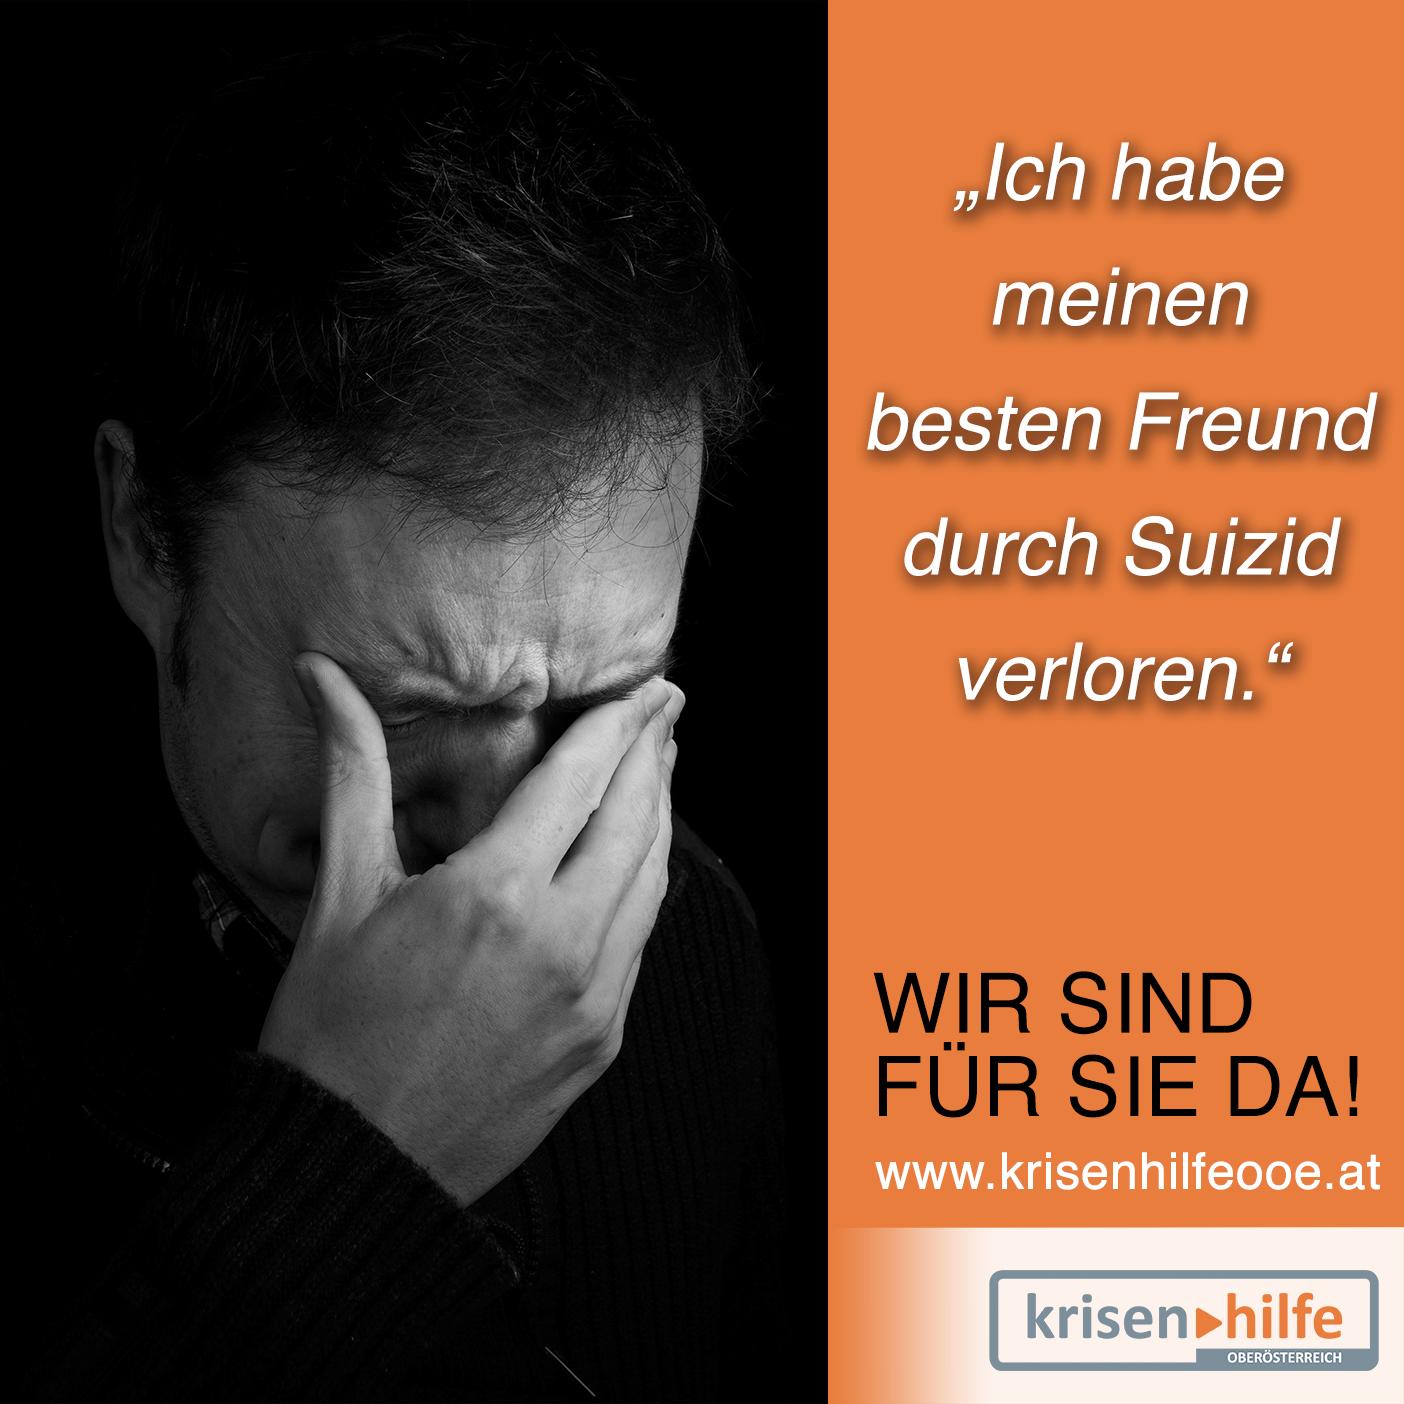 Rund 1200 Menschen nehmen sich jährlich in Österreich das Leben. Wussten Sie, dass es jedes Jahr 3-mal so viele Suizidopfer als Verkehrstote gibt?